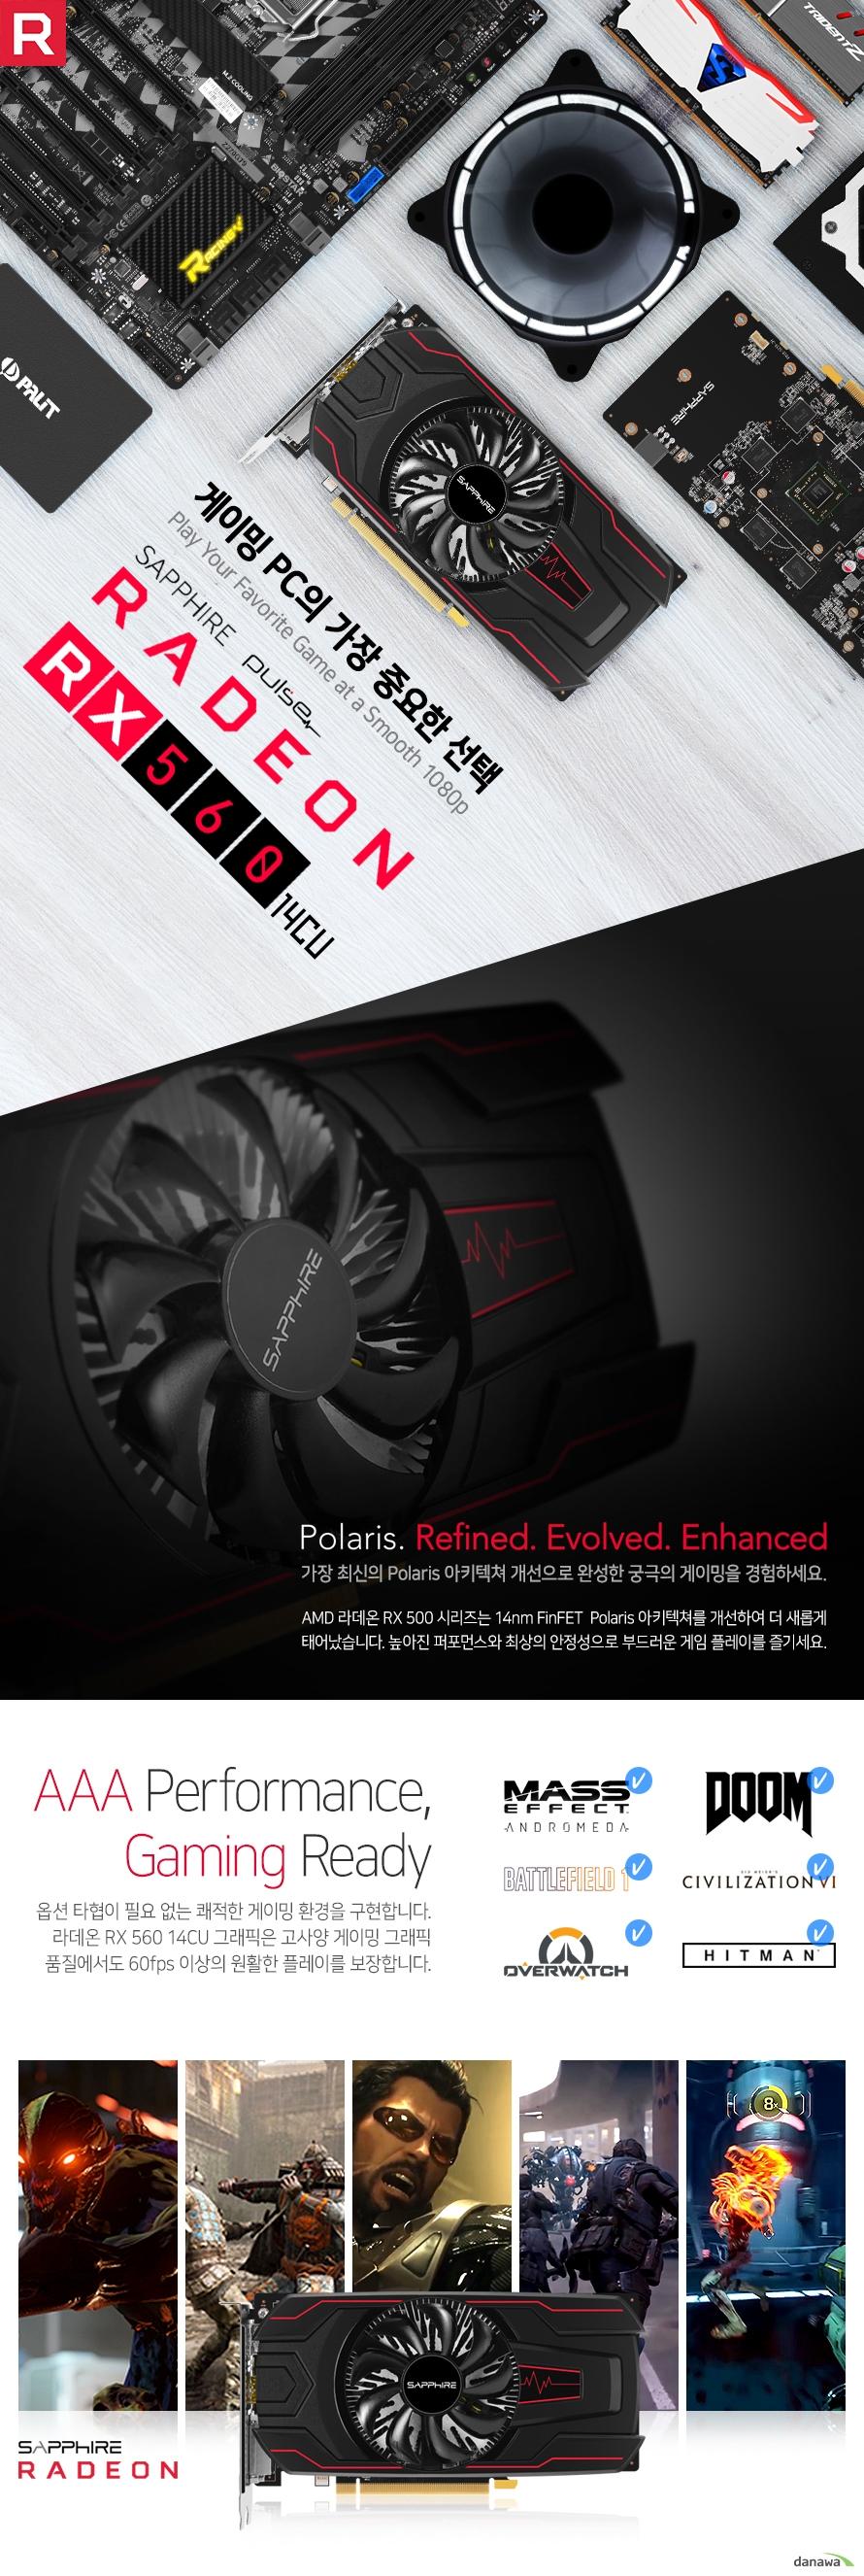 게이밍 PC의 가장 중요한 선택 가장 최신의 Polaris 아키텍쳐 개선으로 완성한 궁극의 게이밍을 경험하세요 AMD 라데온 RX 500 시리즈는 14nm FinFET  Polaris 아키텍쳐를 개선하여 더 새롭게 태어났습니다. 높아진 퍼포먼스와 최상의 안정성으로 부드러운 게임 플레이를 즐기세요 옵션 타협이 필요 없는 쾌적한 게이밍 환경을 구현합니다. 라데온 그래픽은 최상급 그래픽 품질에서도 60fps 이상의 원활한 플레이를 보장합니다